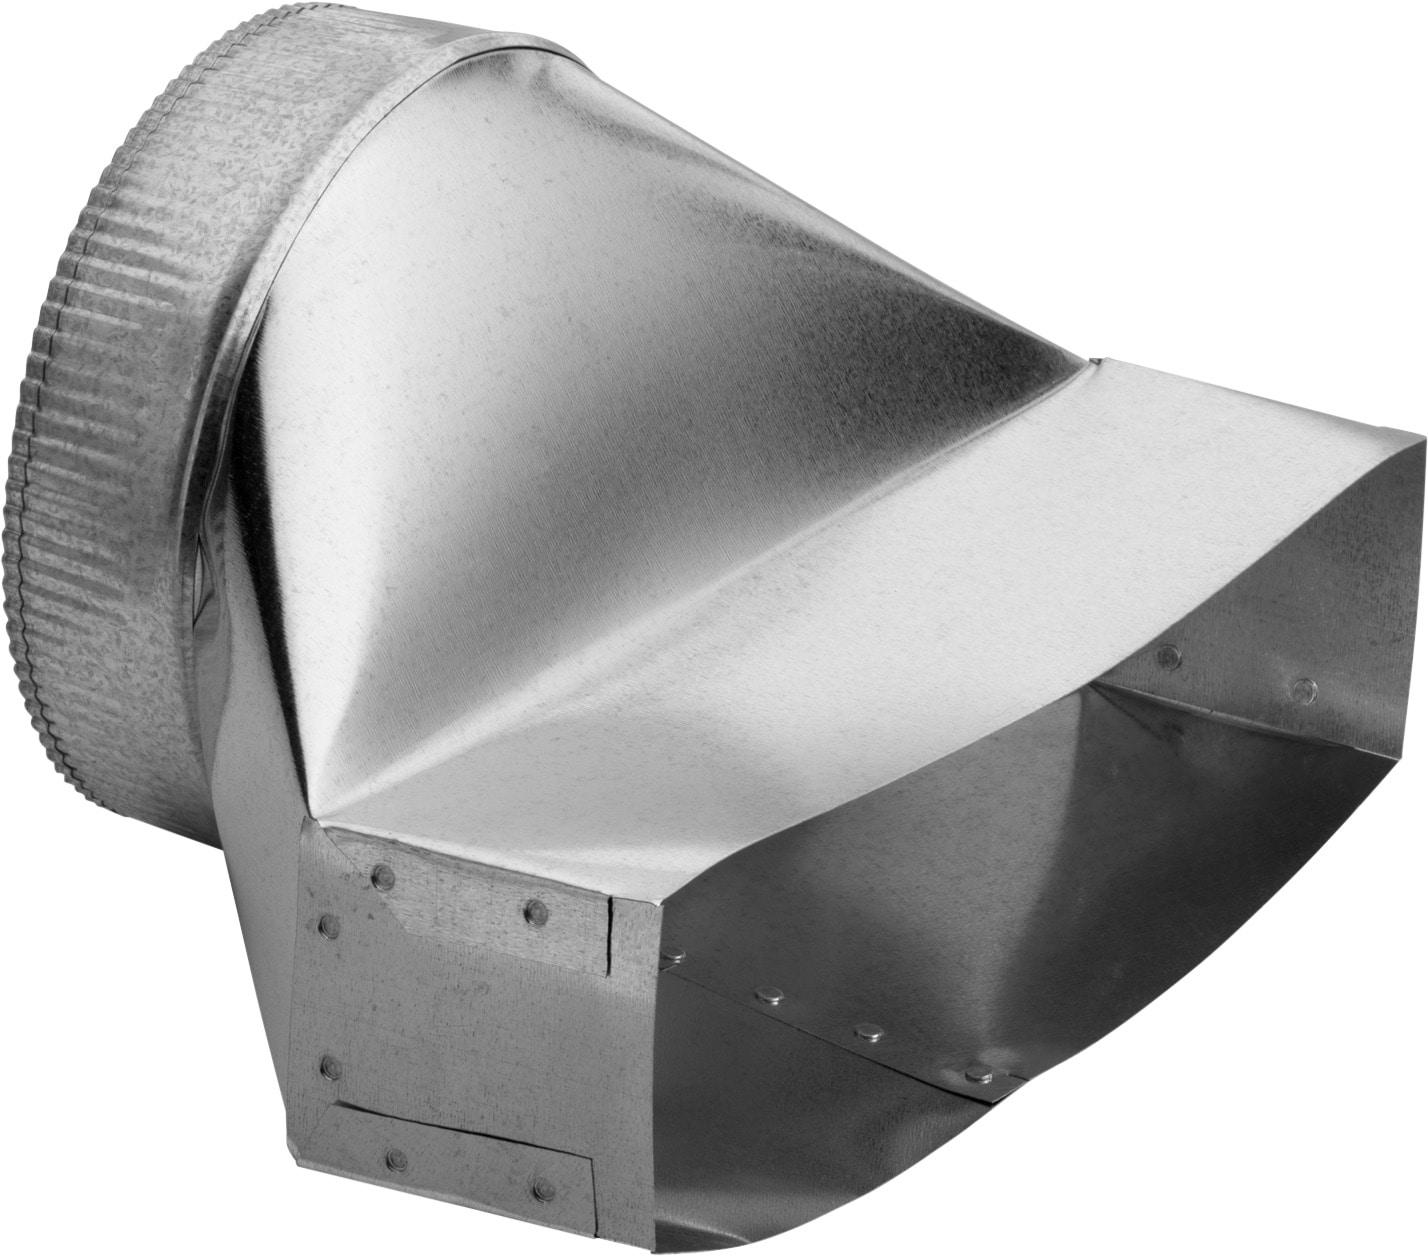 Appliance Accessories - Transition pour évacuation verticale ronde Broan – 459